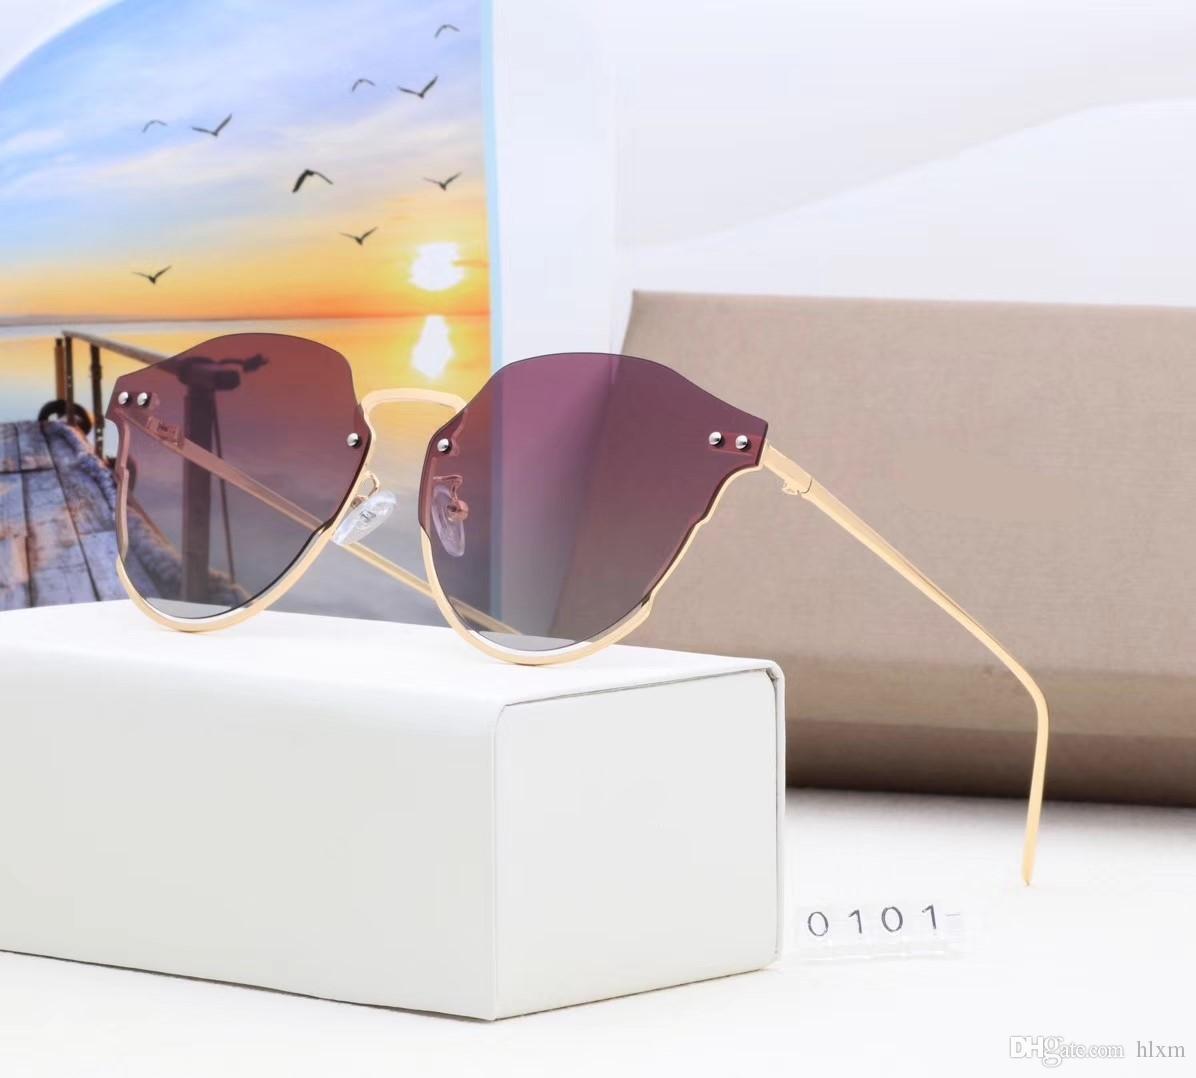 58767c0019da9 Compre Preço Barato Retro Rebite Clássico Marca De Luxo Quadro Espelhado  Rodada Óculos De Sol Das Mulheres Dos Homens Óculos De Sol De Sol Feminino  0101 Bom ...